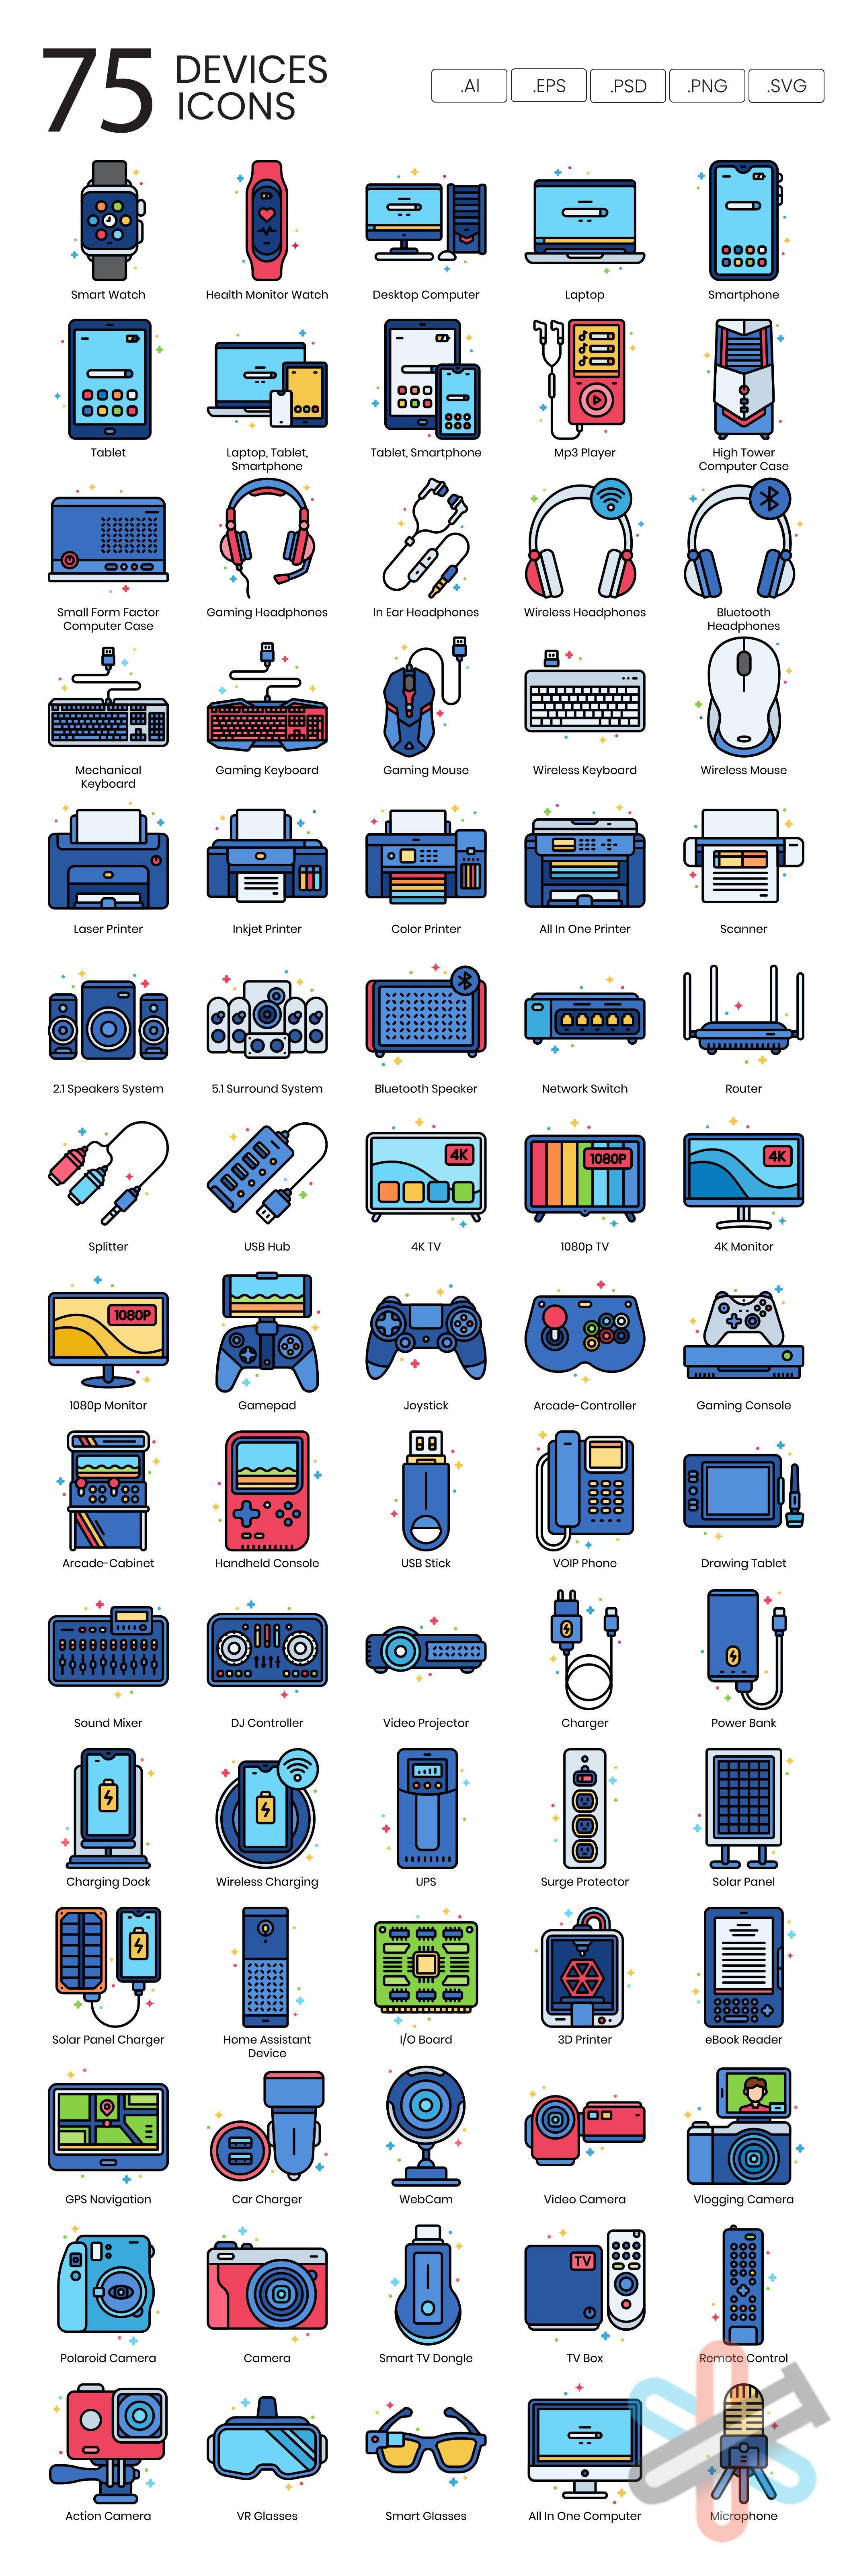 دانلود مجموعه آیکون های دستگاه – Devices Icon